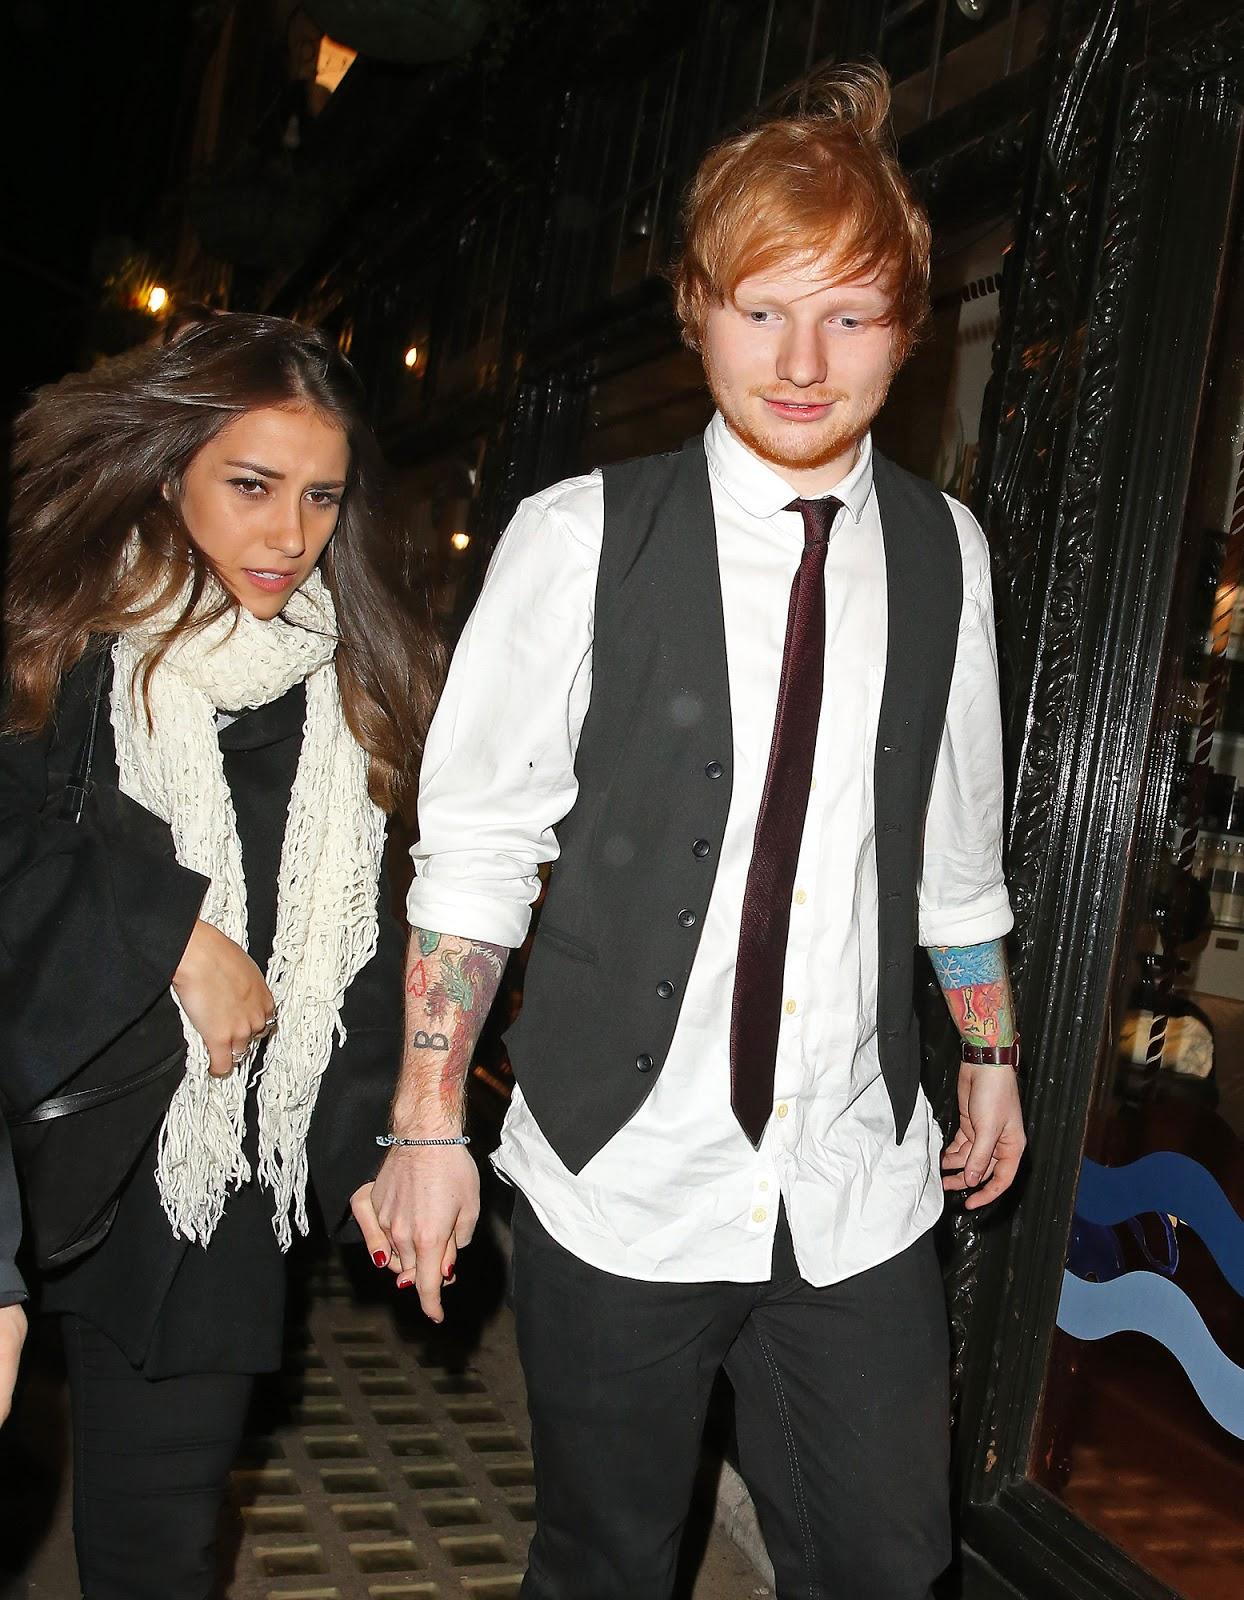 Ed sheeran dating athina andrelos images